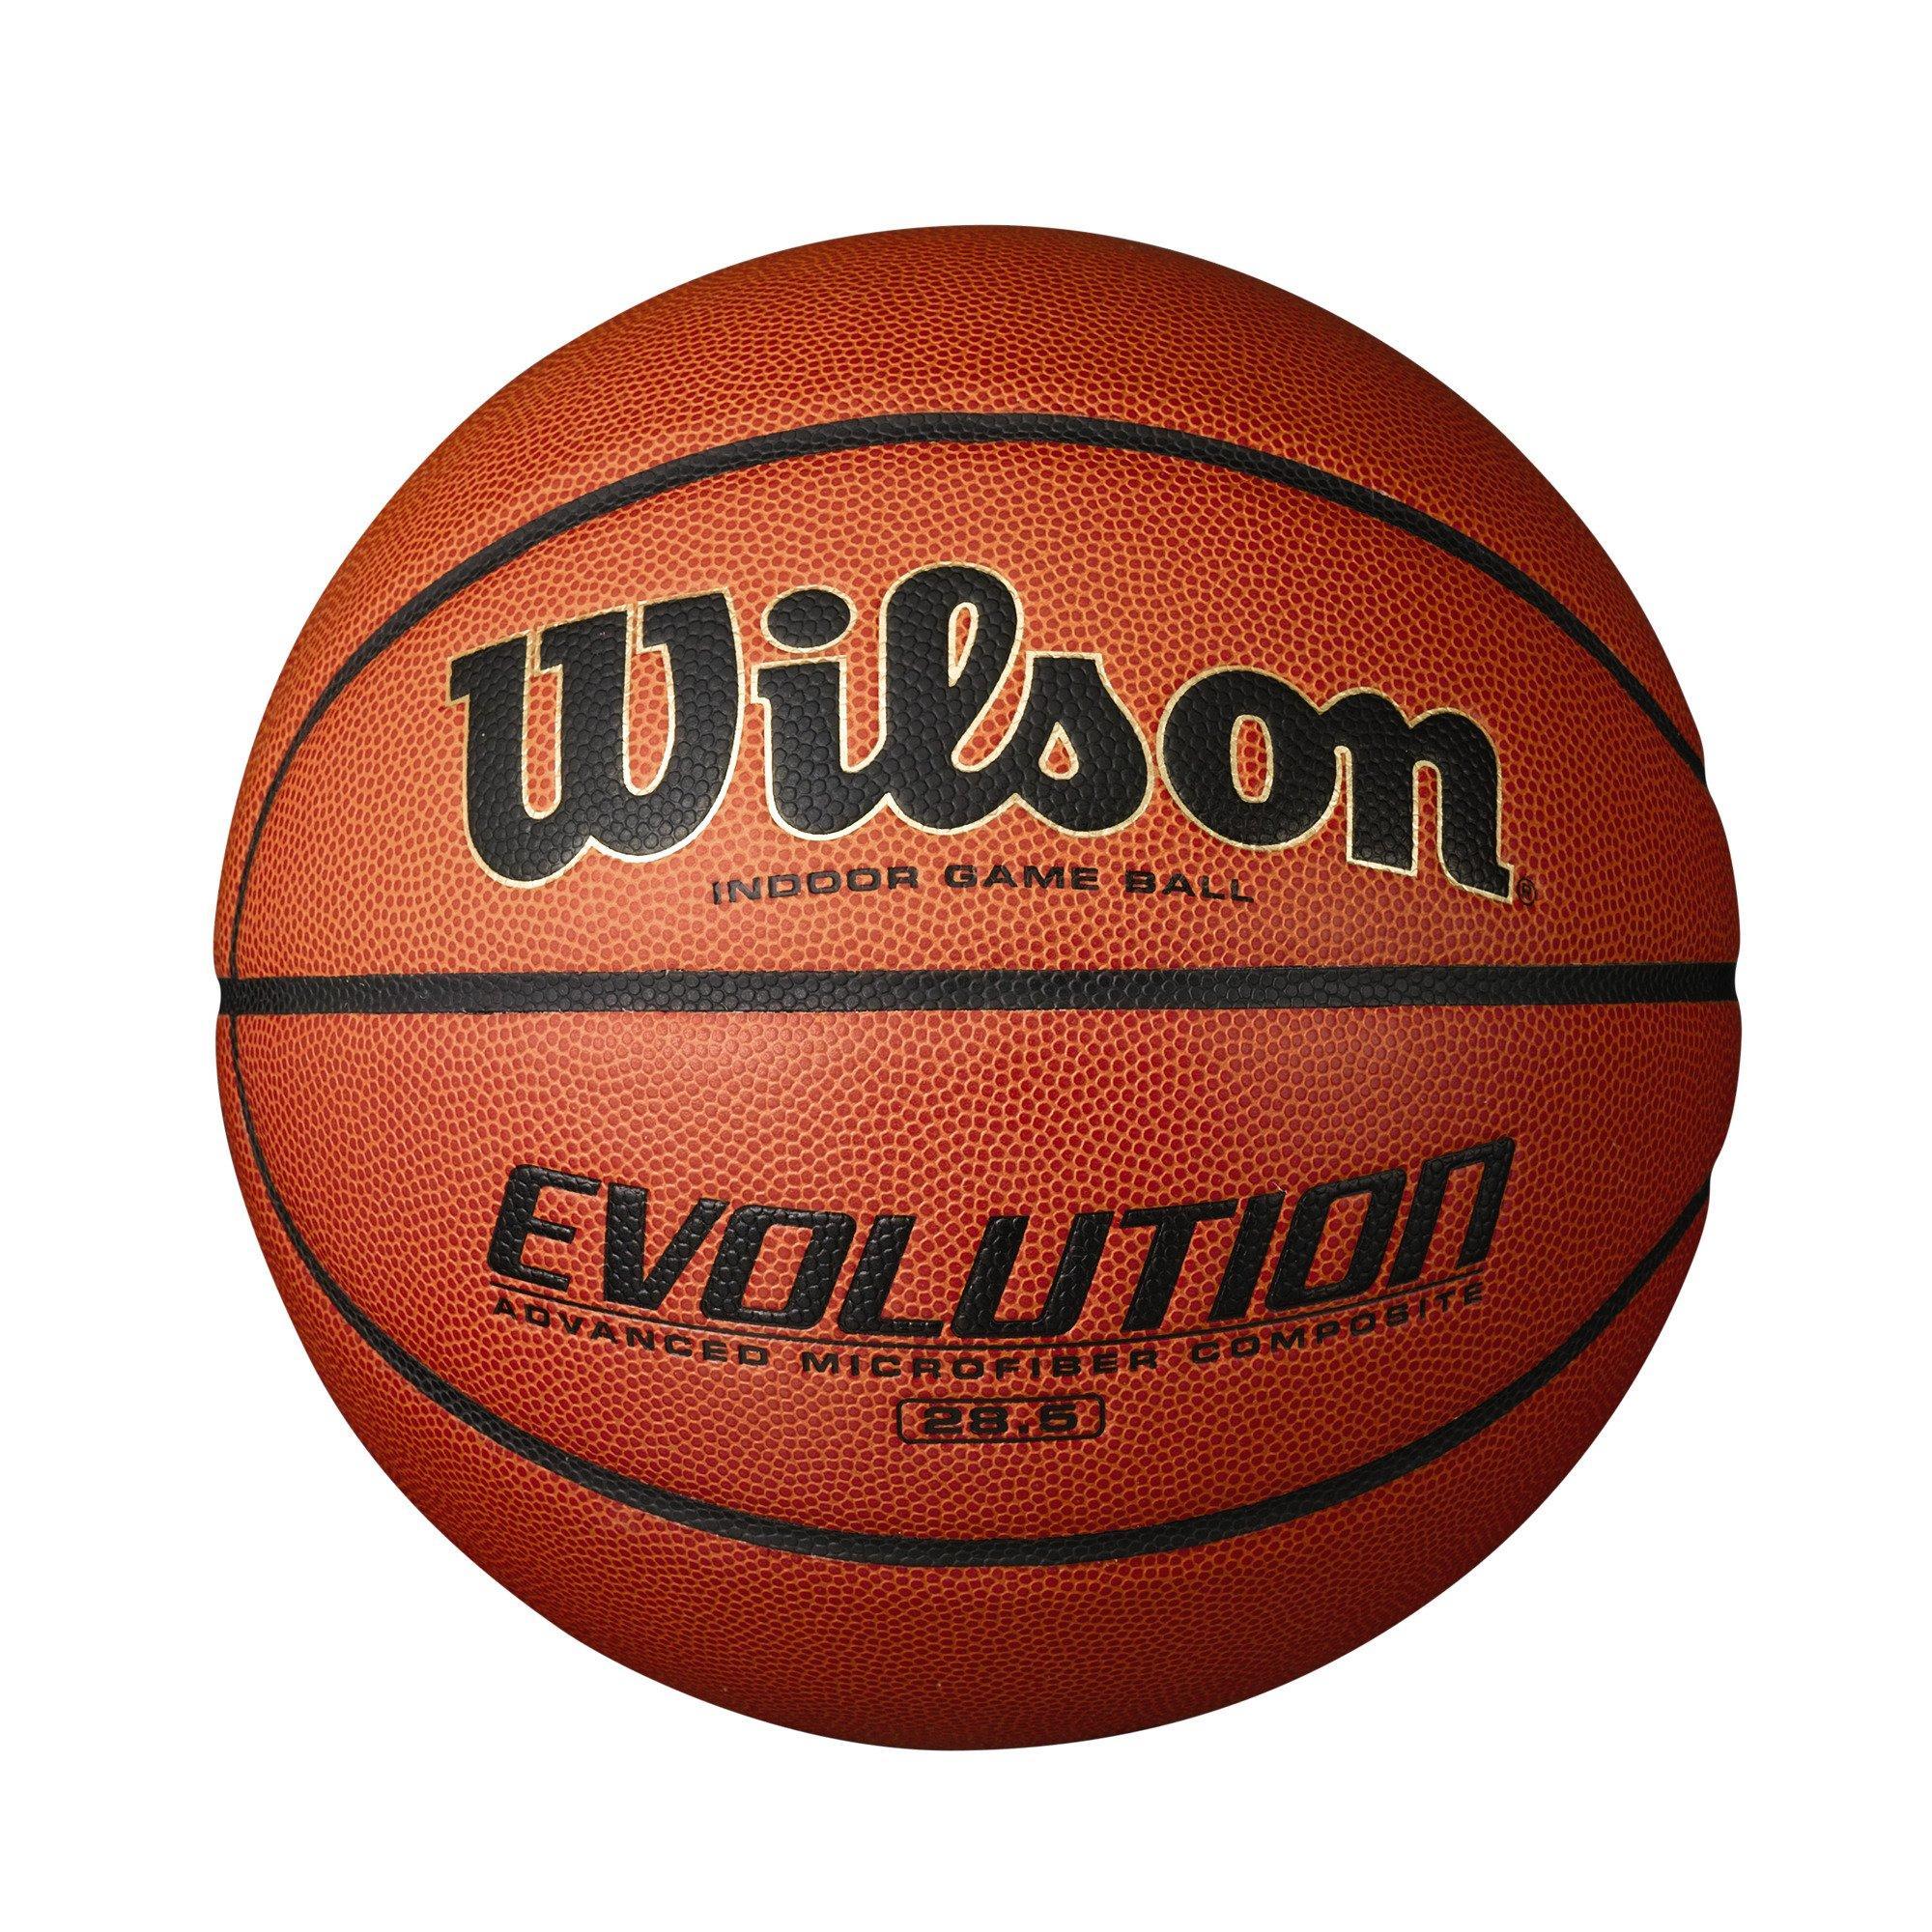 Wilson Evolution Official Gameball Basketball